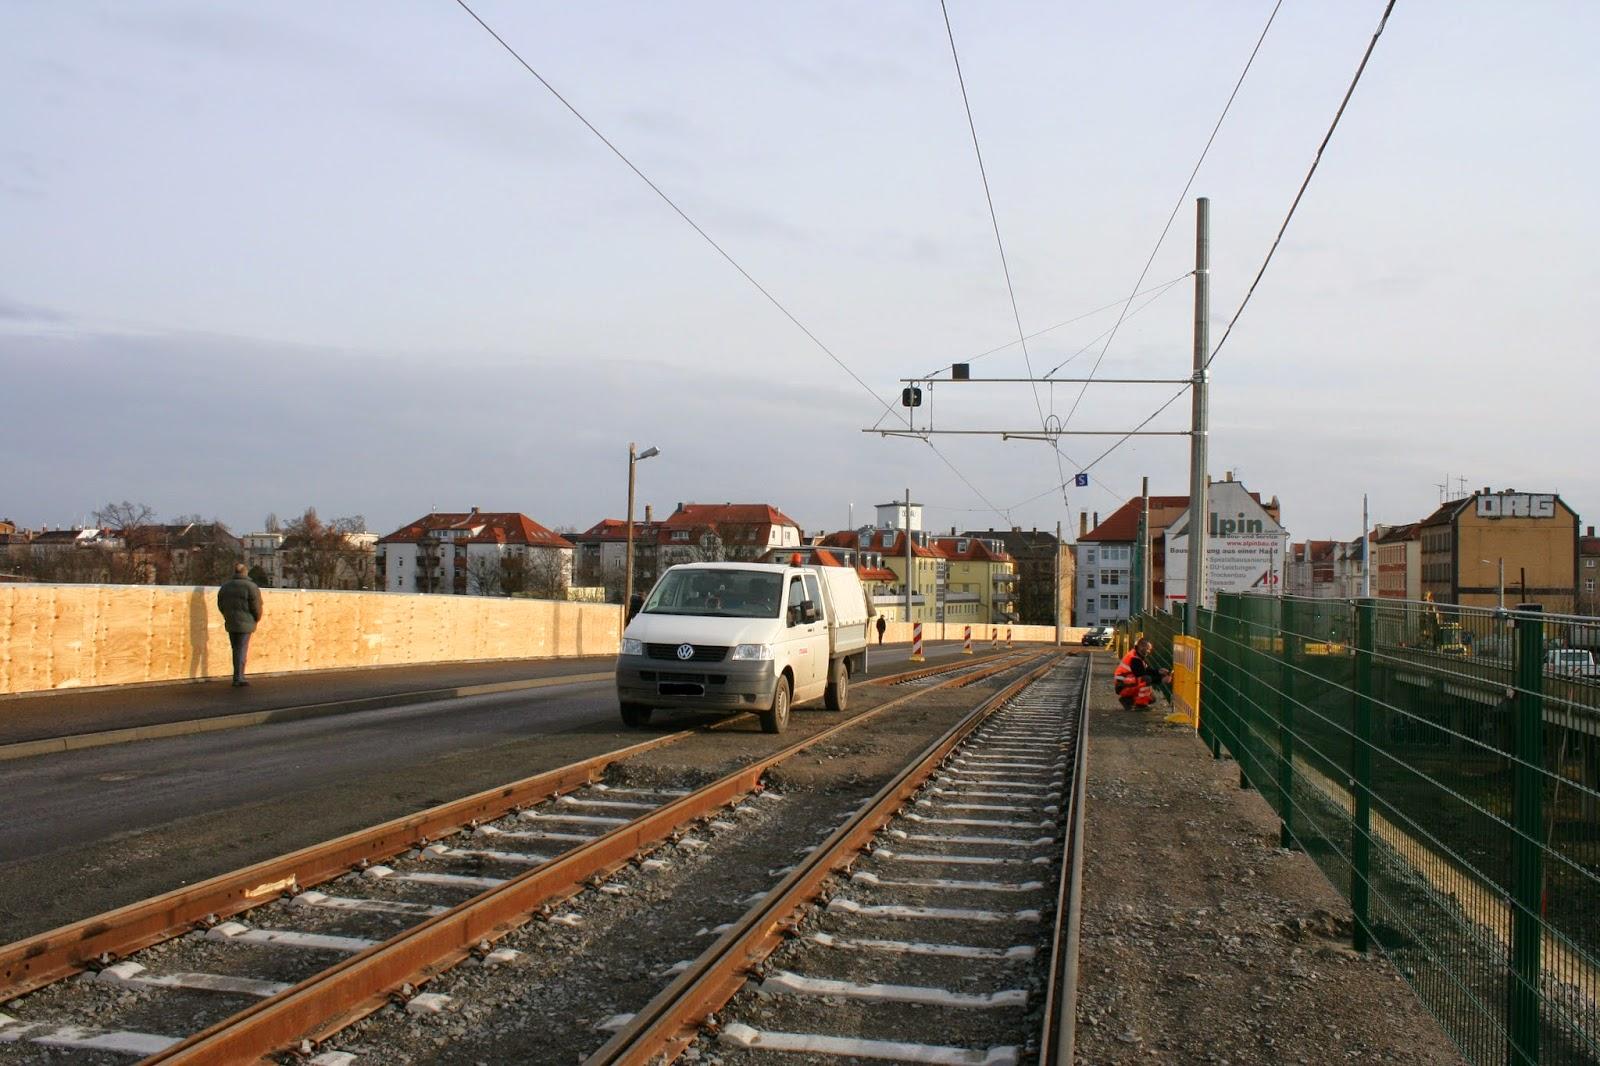 Antonienbrücke 21.12.2014 - an den Gleisen für die Tram werden letzte Arbeiten durchgeführt